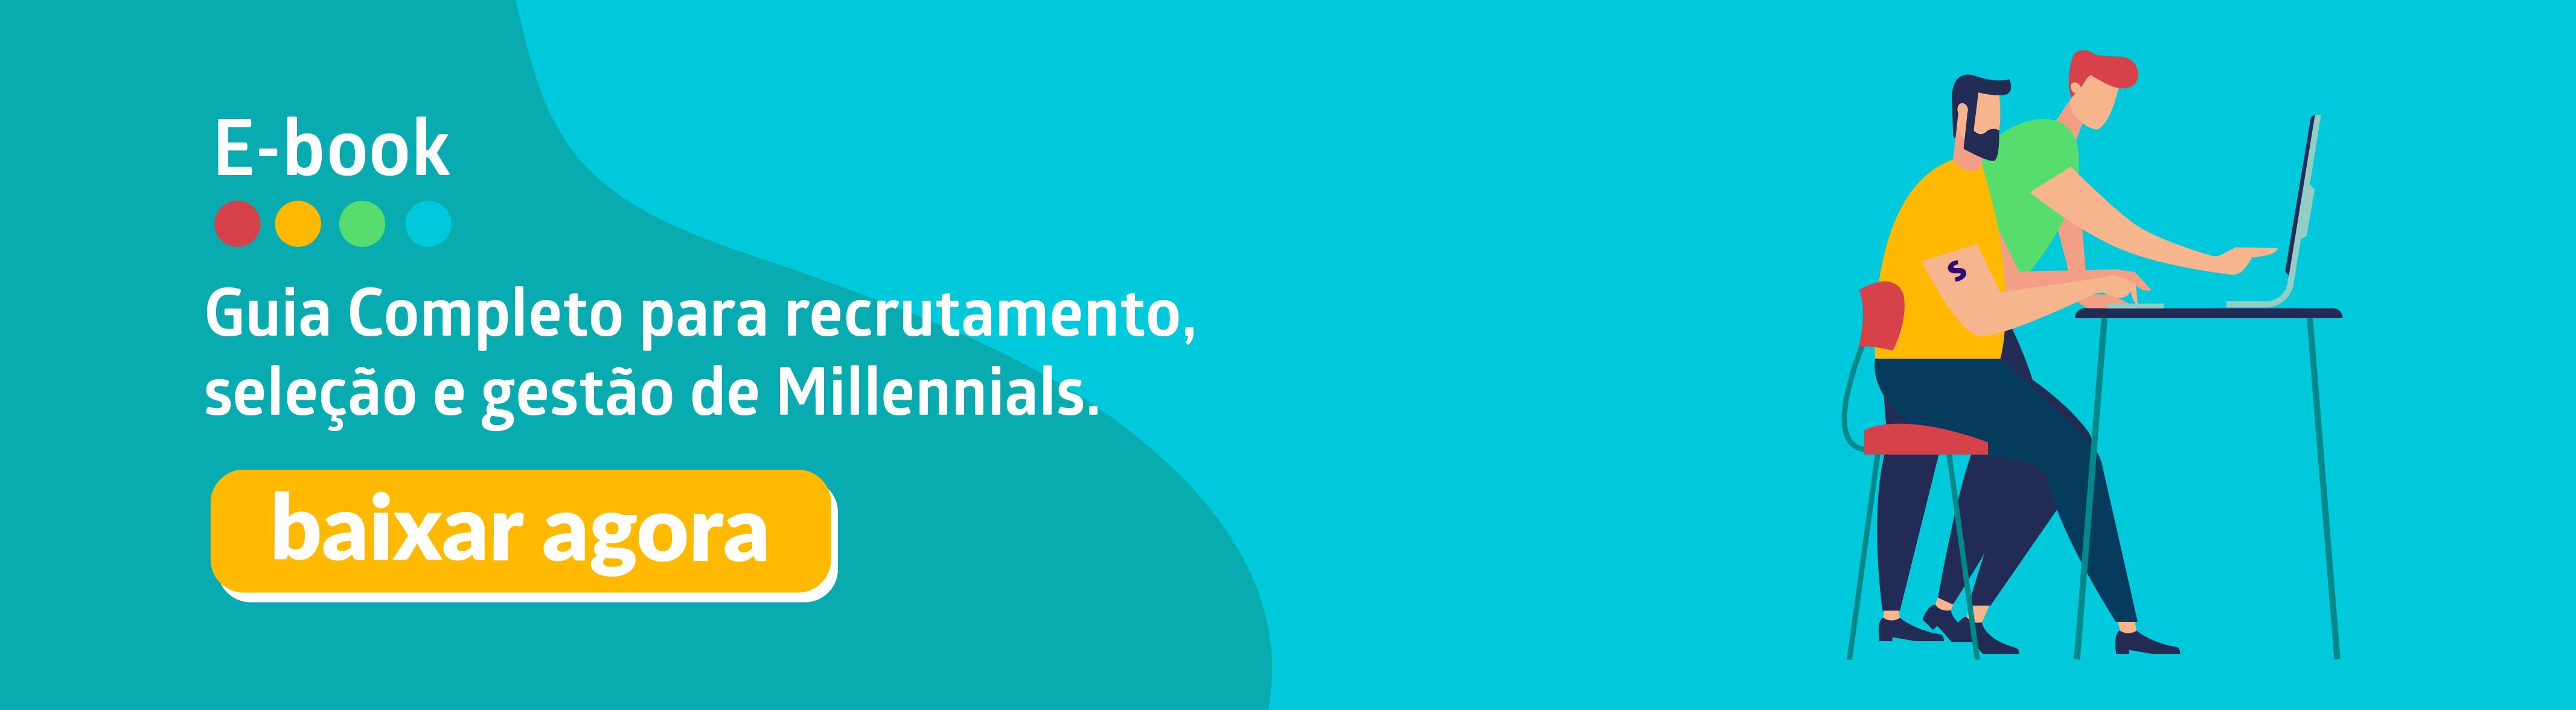 Banner_Guia_Para_Recrutamento_e_Gestao_de_Millennials